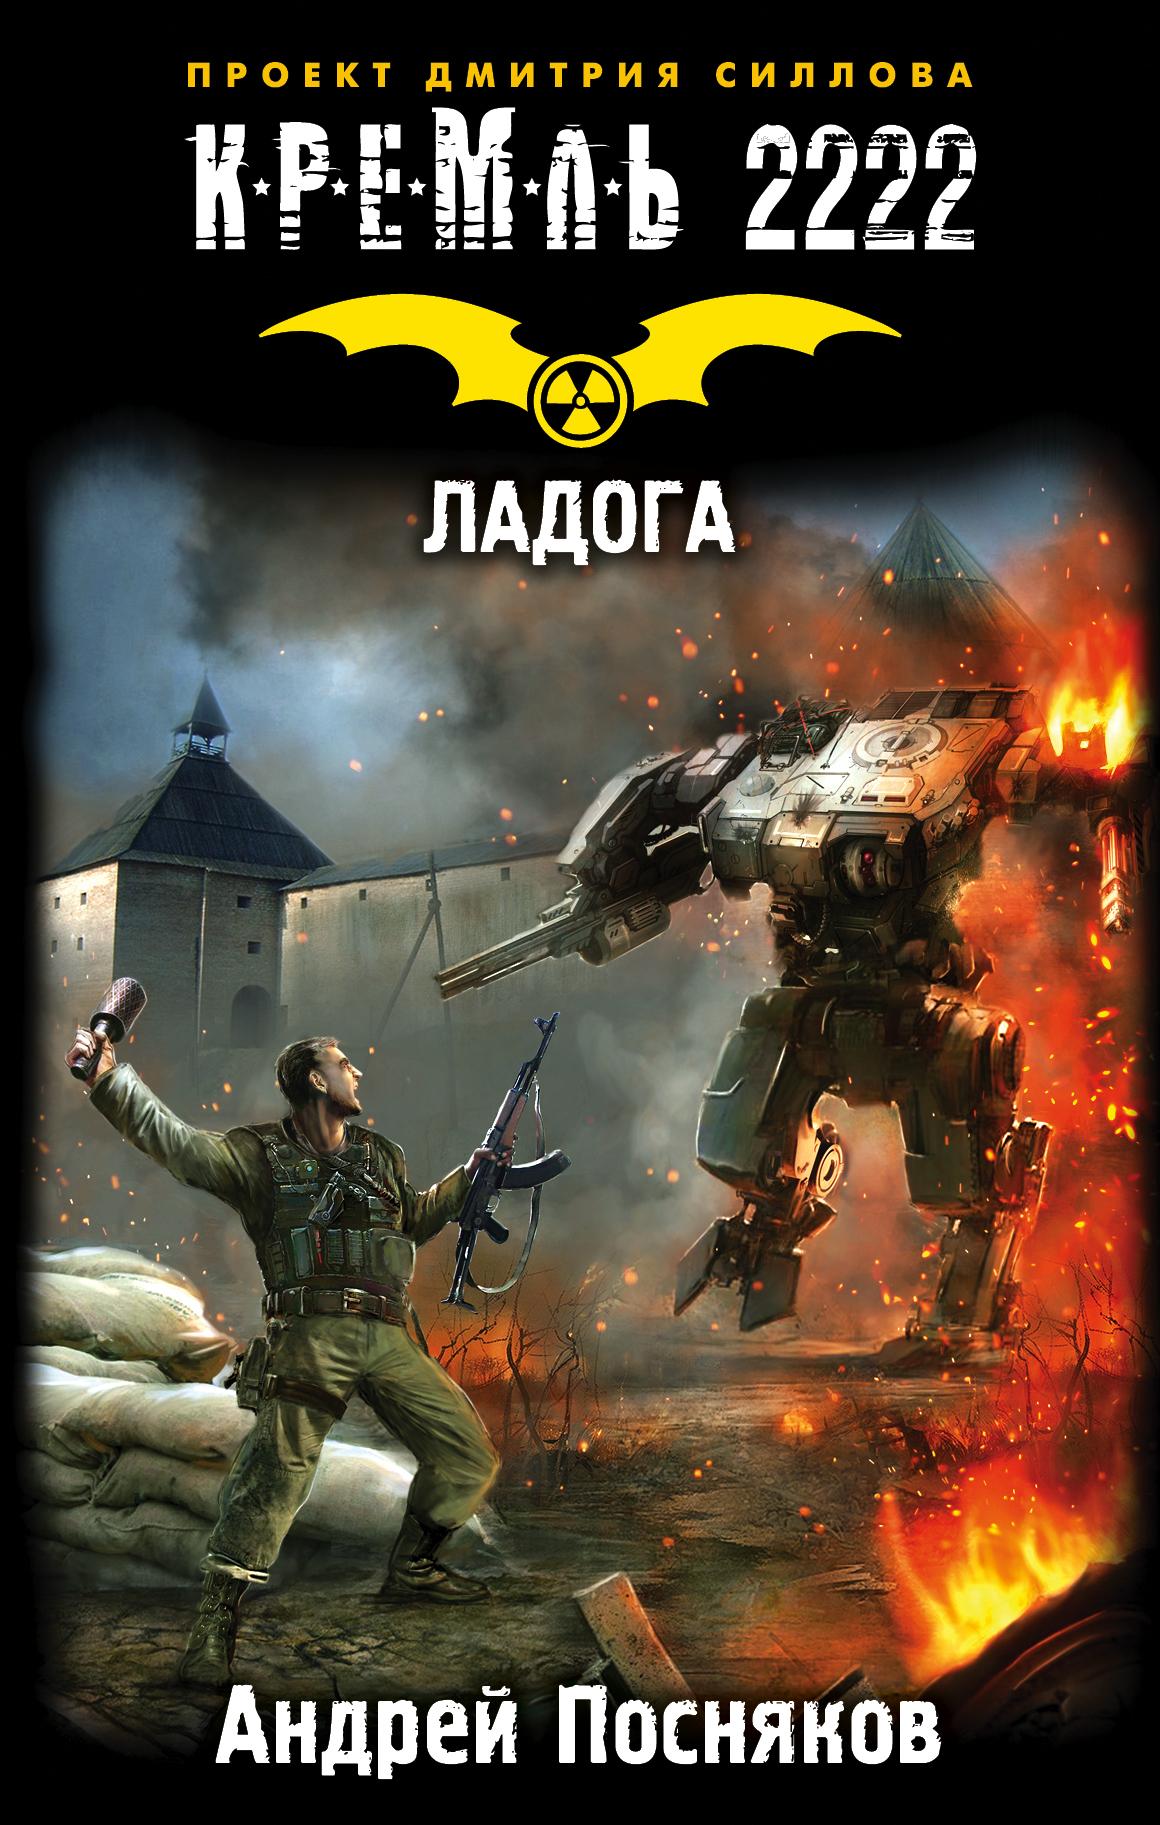 Посняков А.А. Кремль 2222. Ладога книги издательство аст кремль 2222 ладога